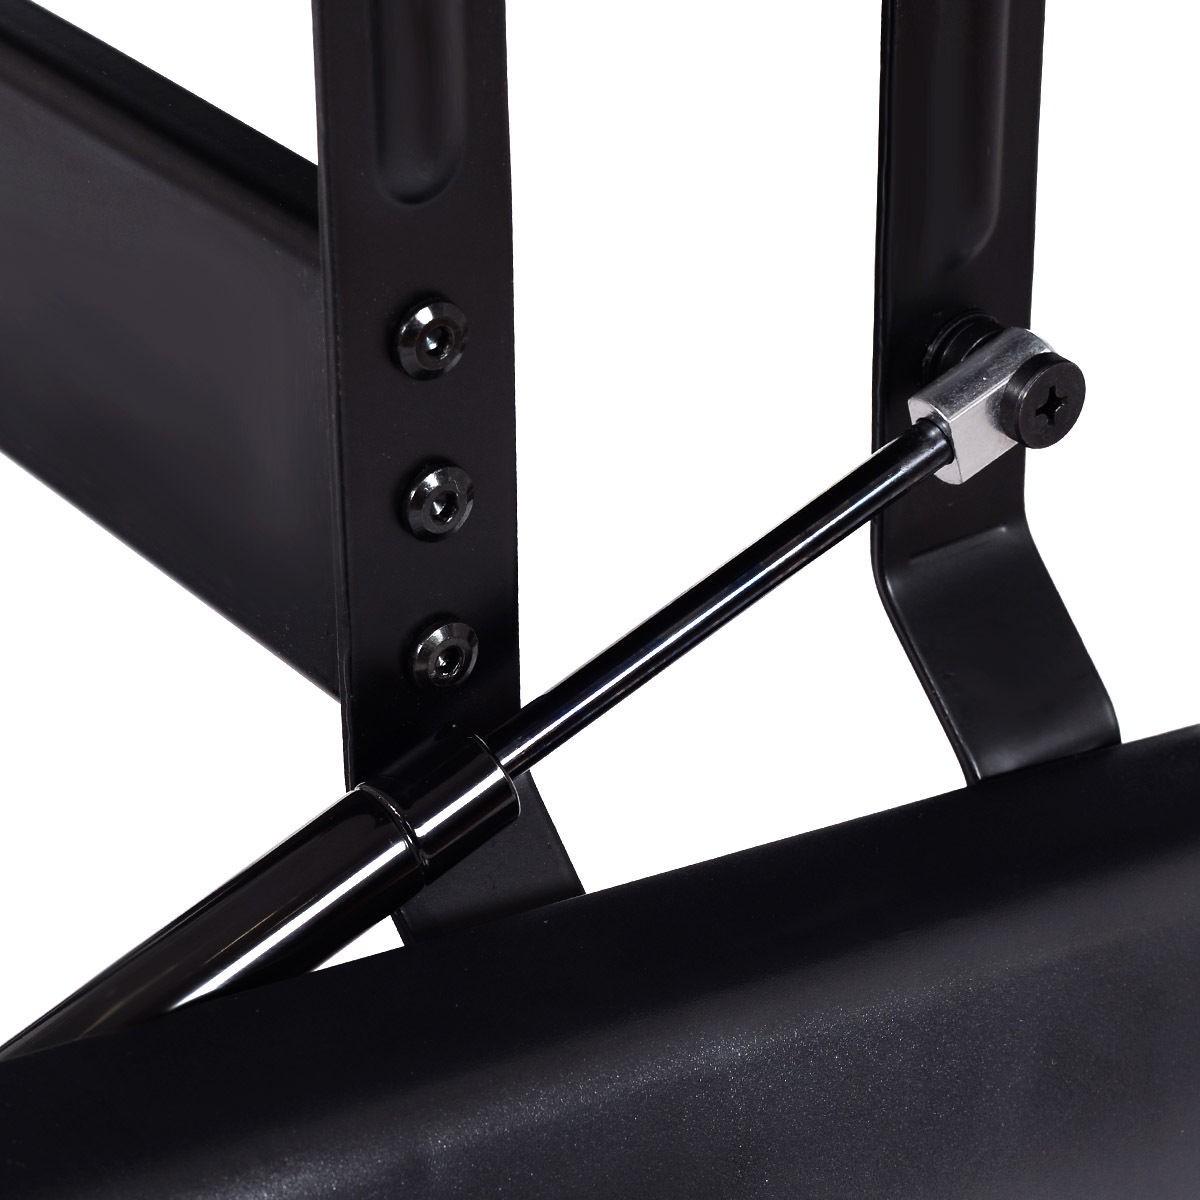 6 level height adjustable ergonomic sit stand computer desk laptop workstation ebay. Black Bedroom Furniture Sets. Home Design Ideas